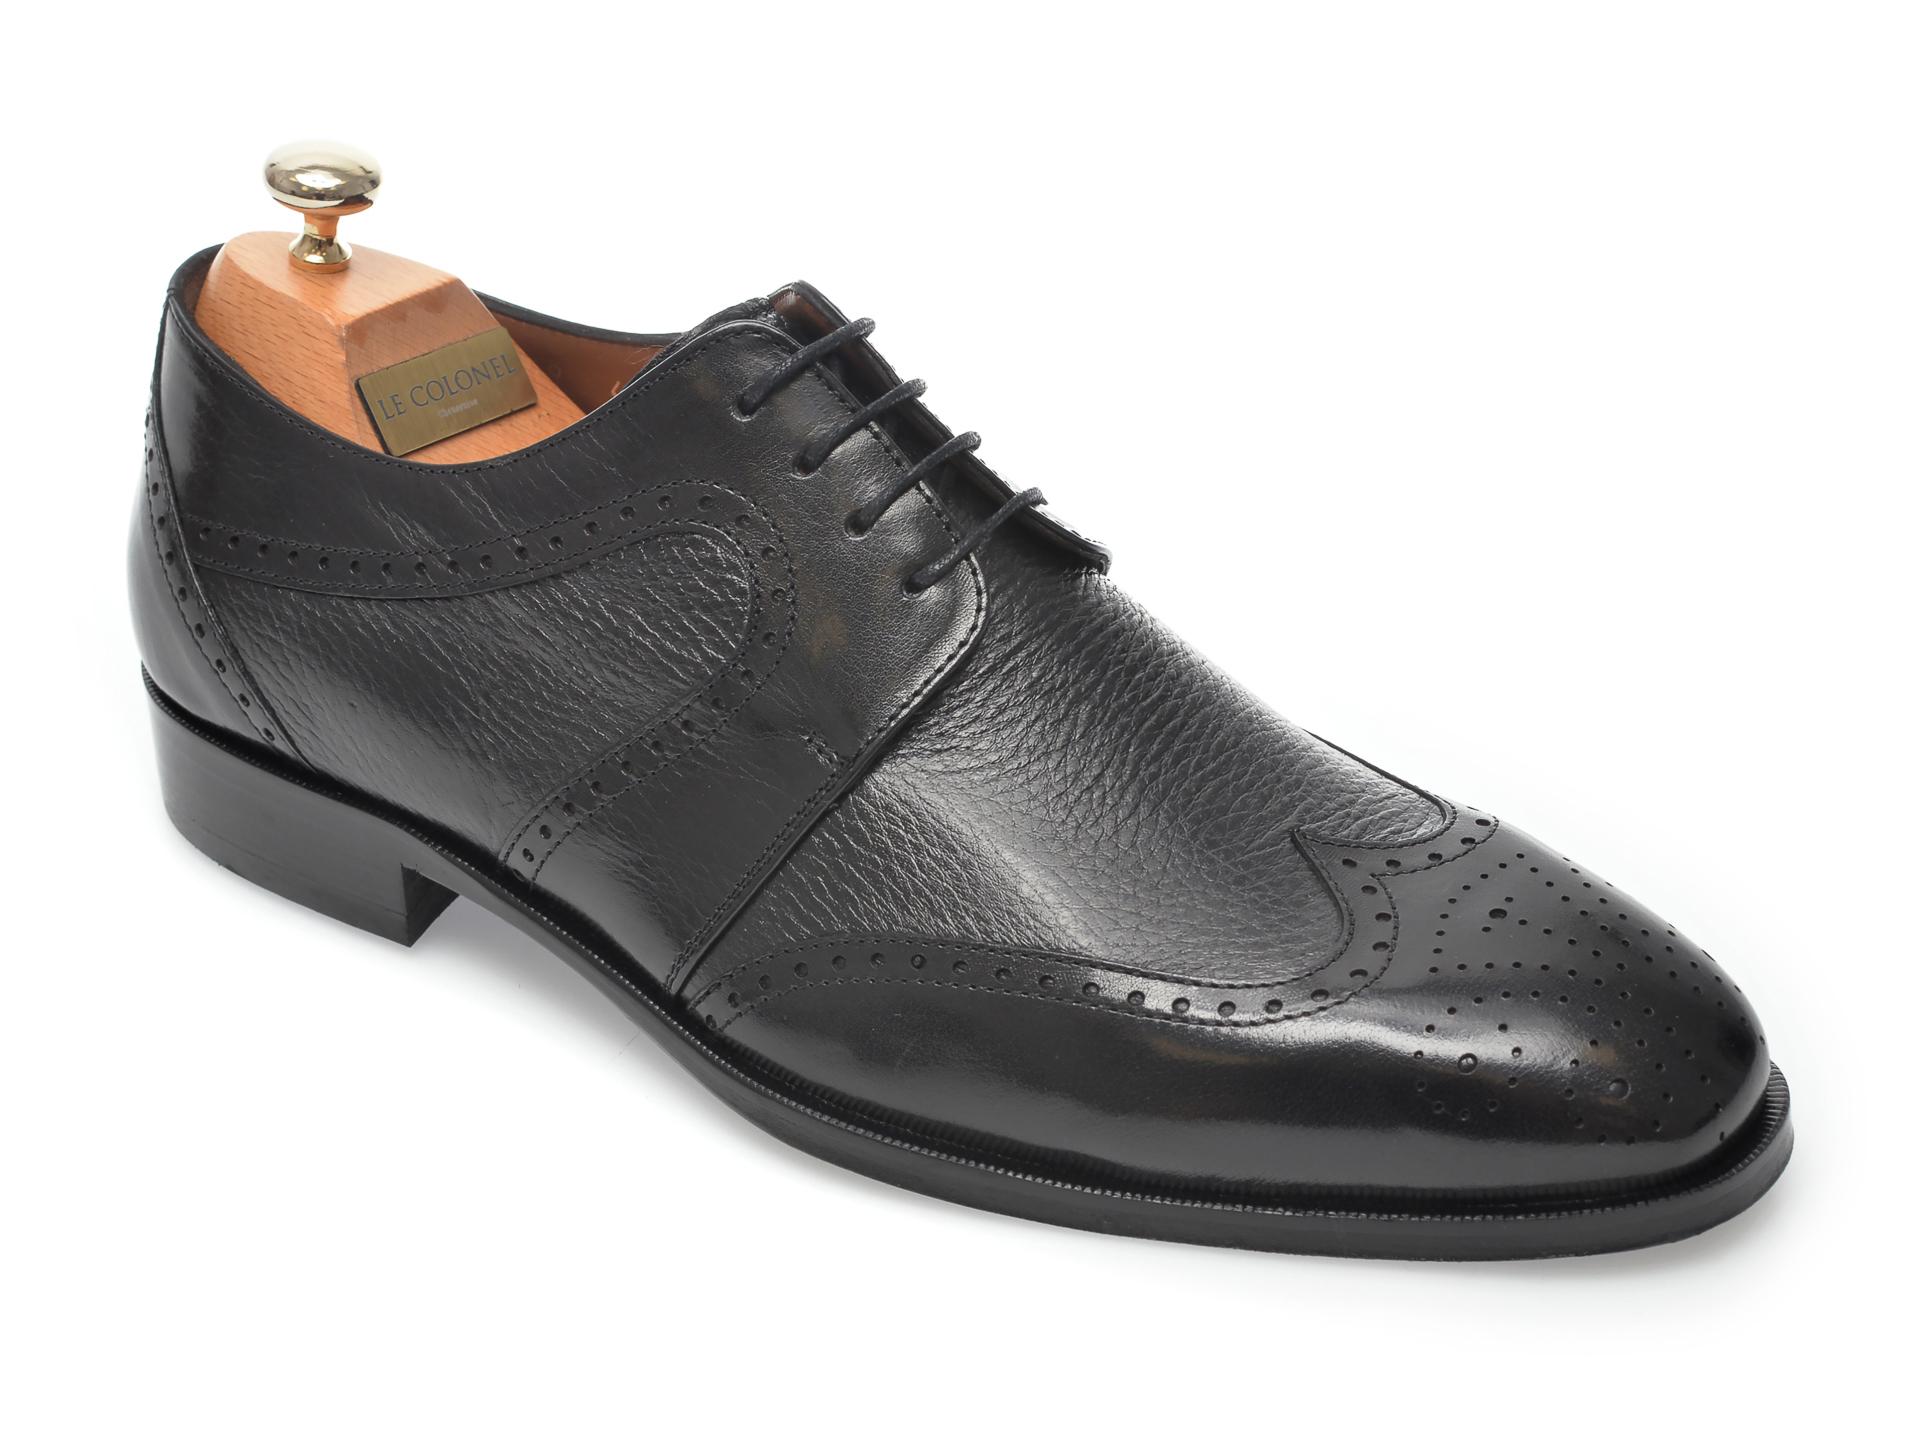 Pantofi LE COLONEL negri, 48459, din piele naturala imagine otter.ro 2021